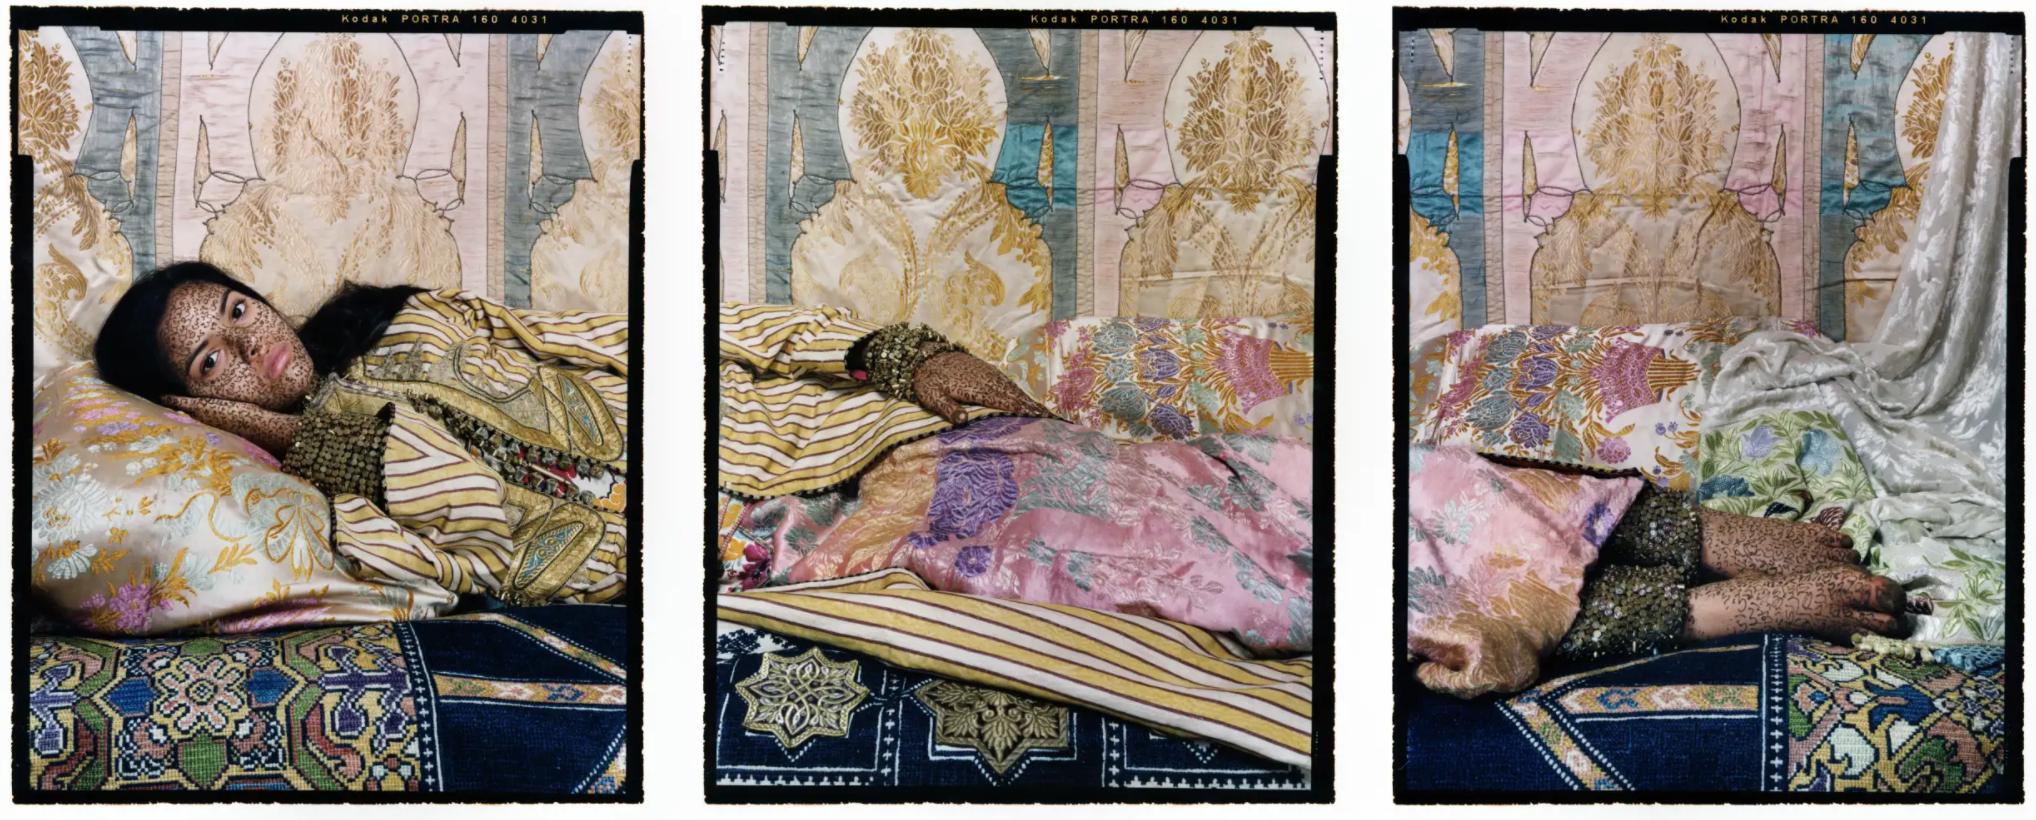 Photo horizontale, colorée, en 3 parties, d'une femme habillée et allongée dans un lit orné. Sur les parties dévoilées de son corps apparaissent des écritures arabes.